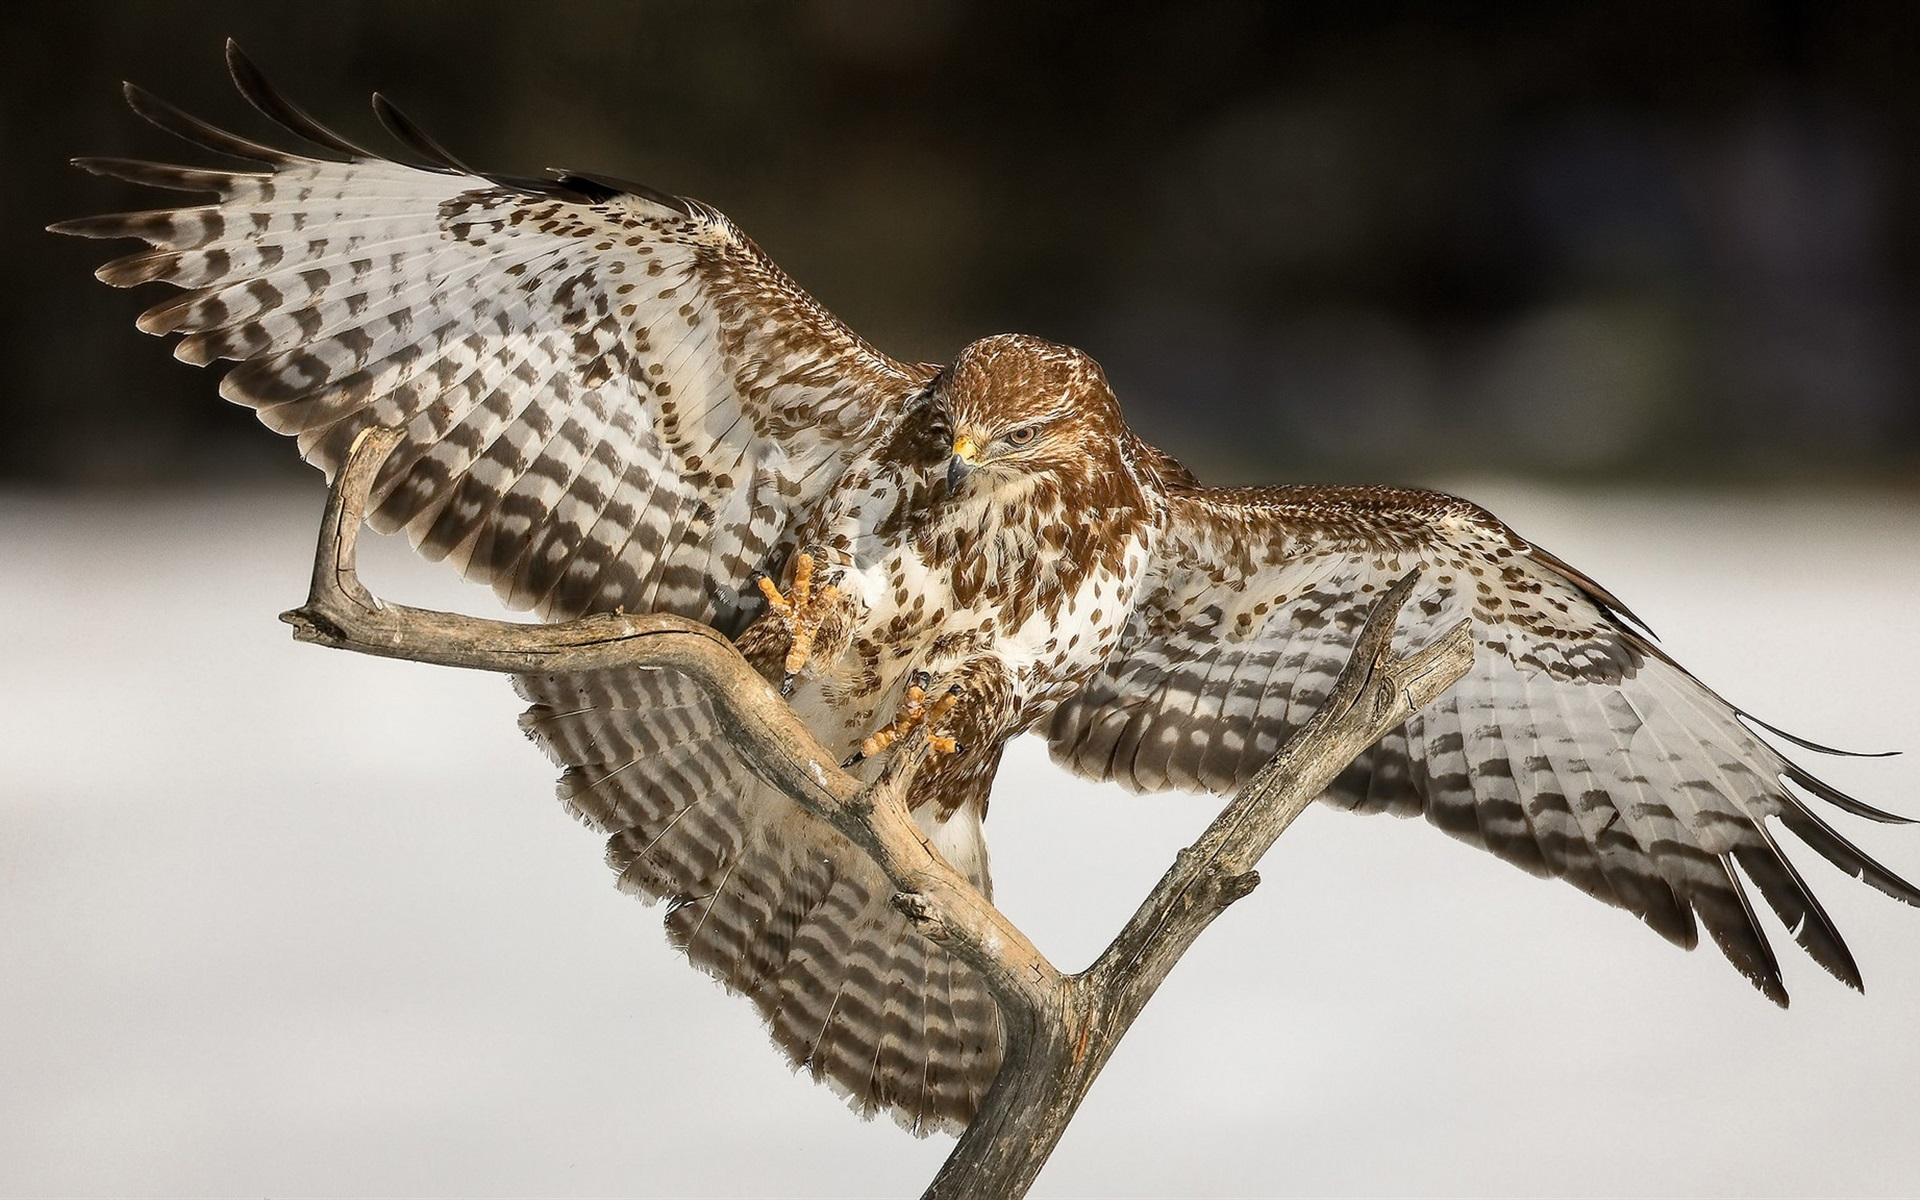 papéis de parede pássaro falcão asas galhos 1920x1200 hd imagem